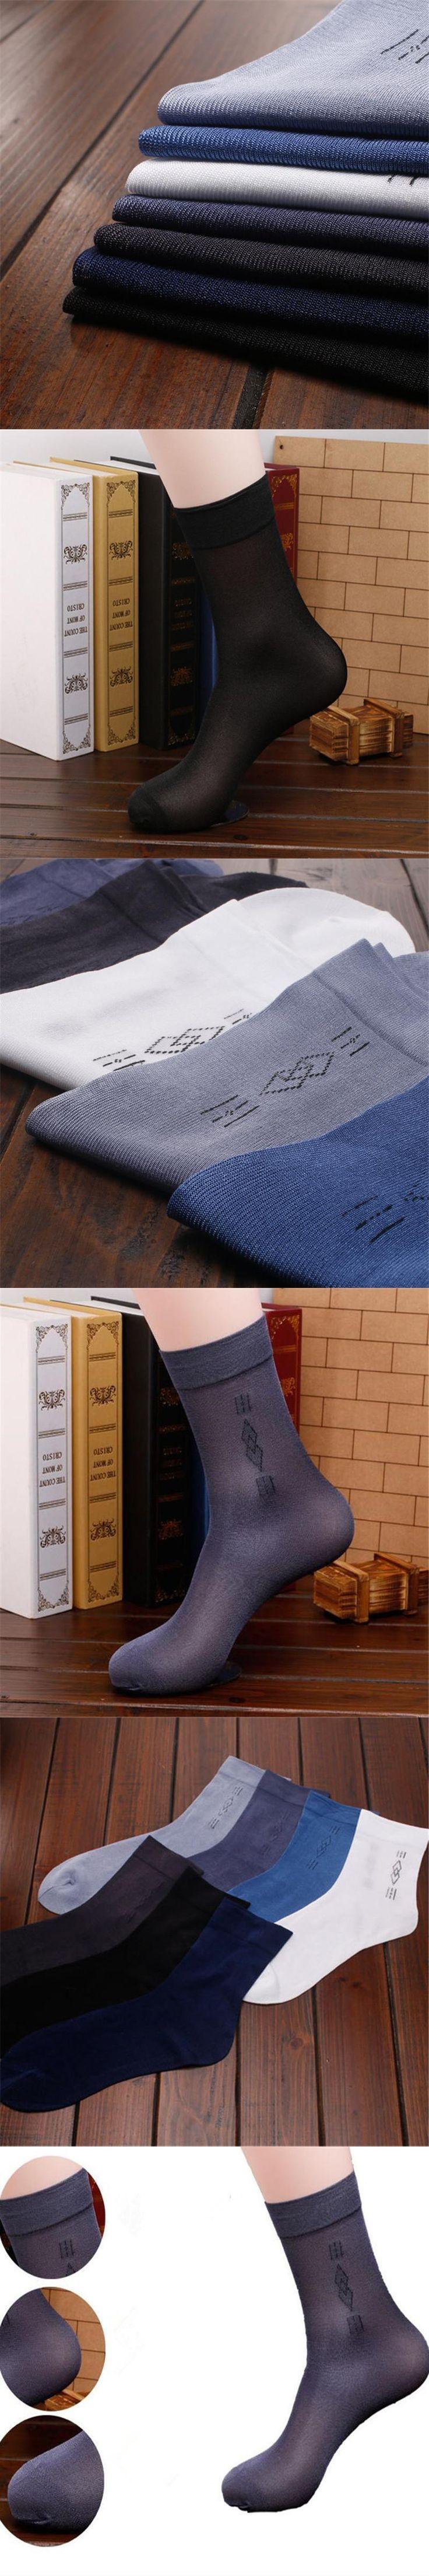 Men Socks New Styles Men's Dress Socks Silk Socks FT108